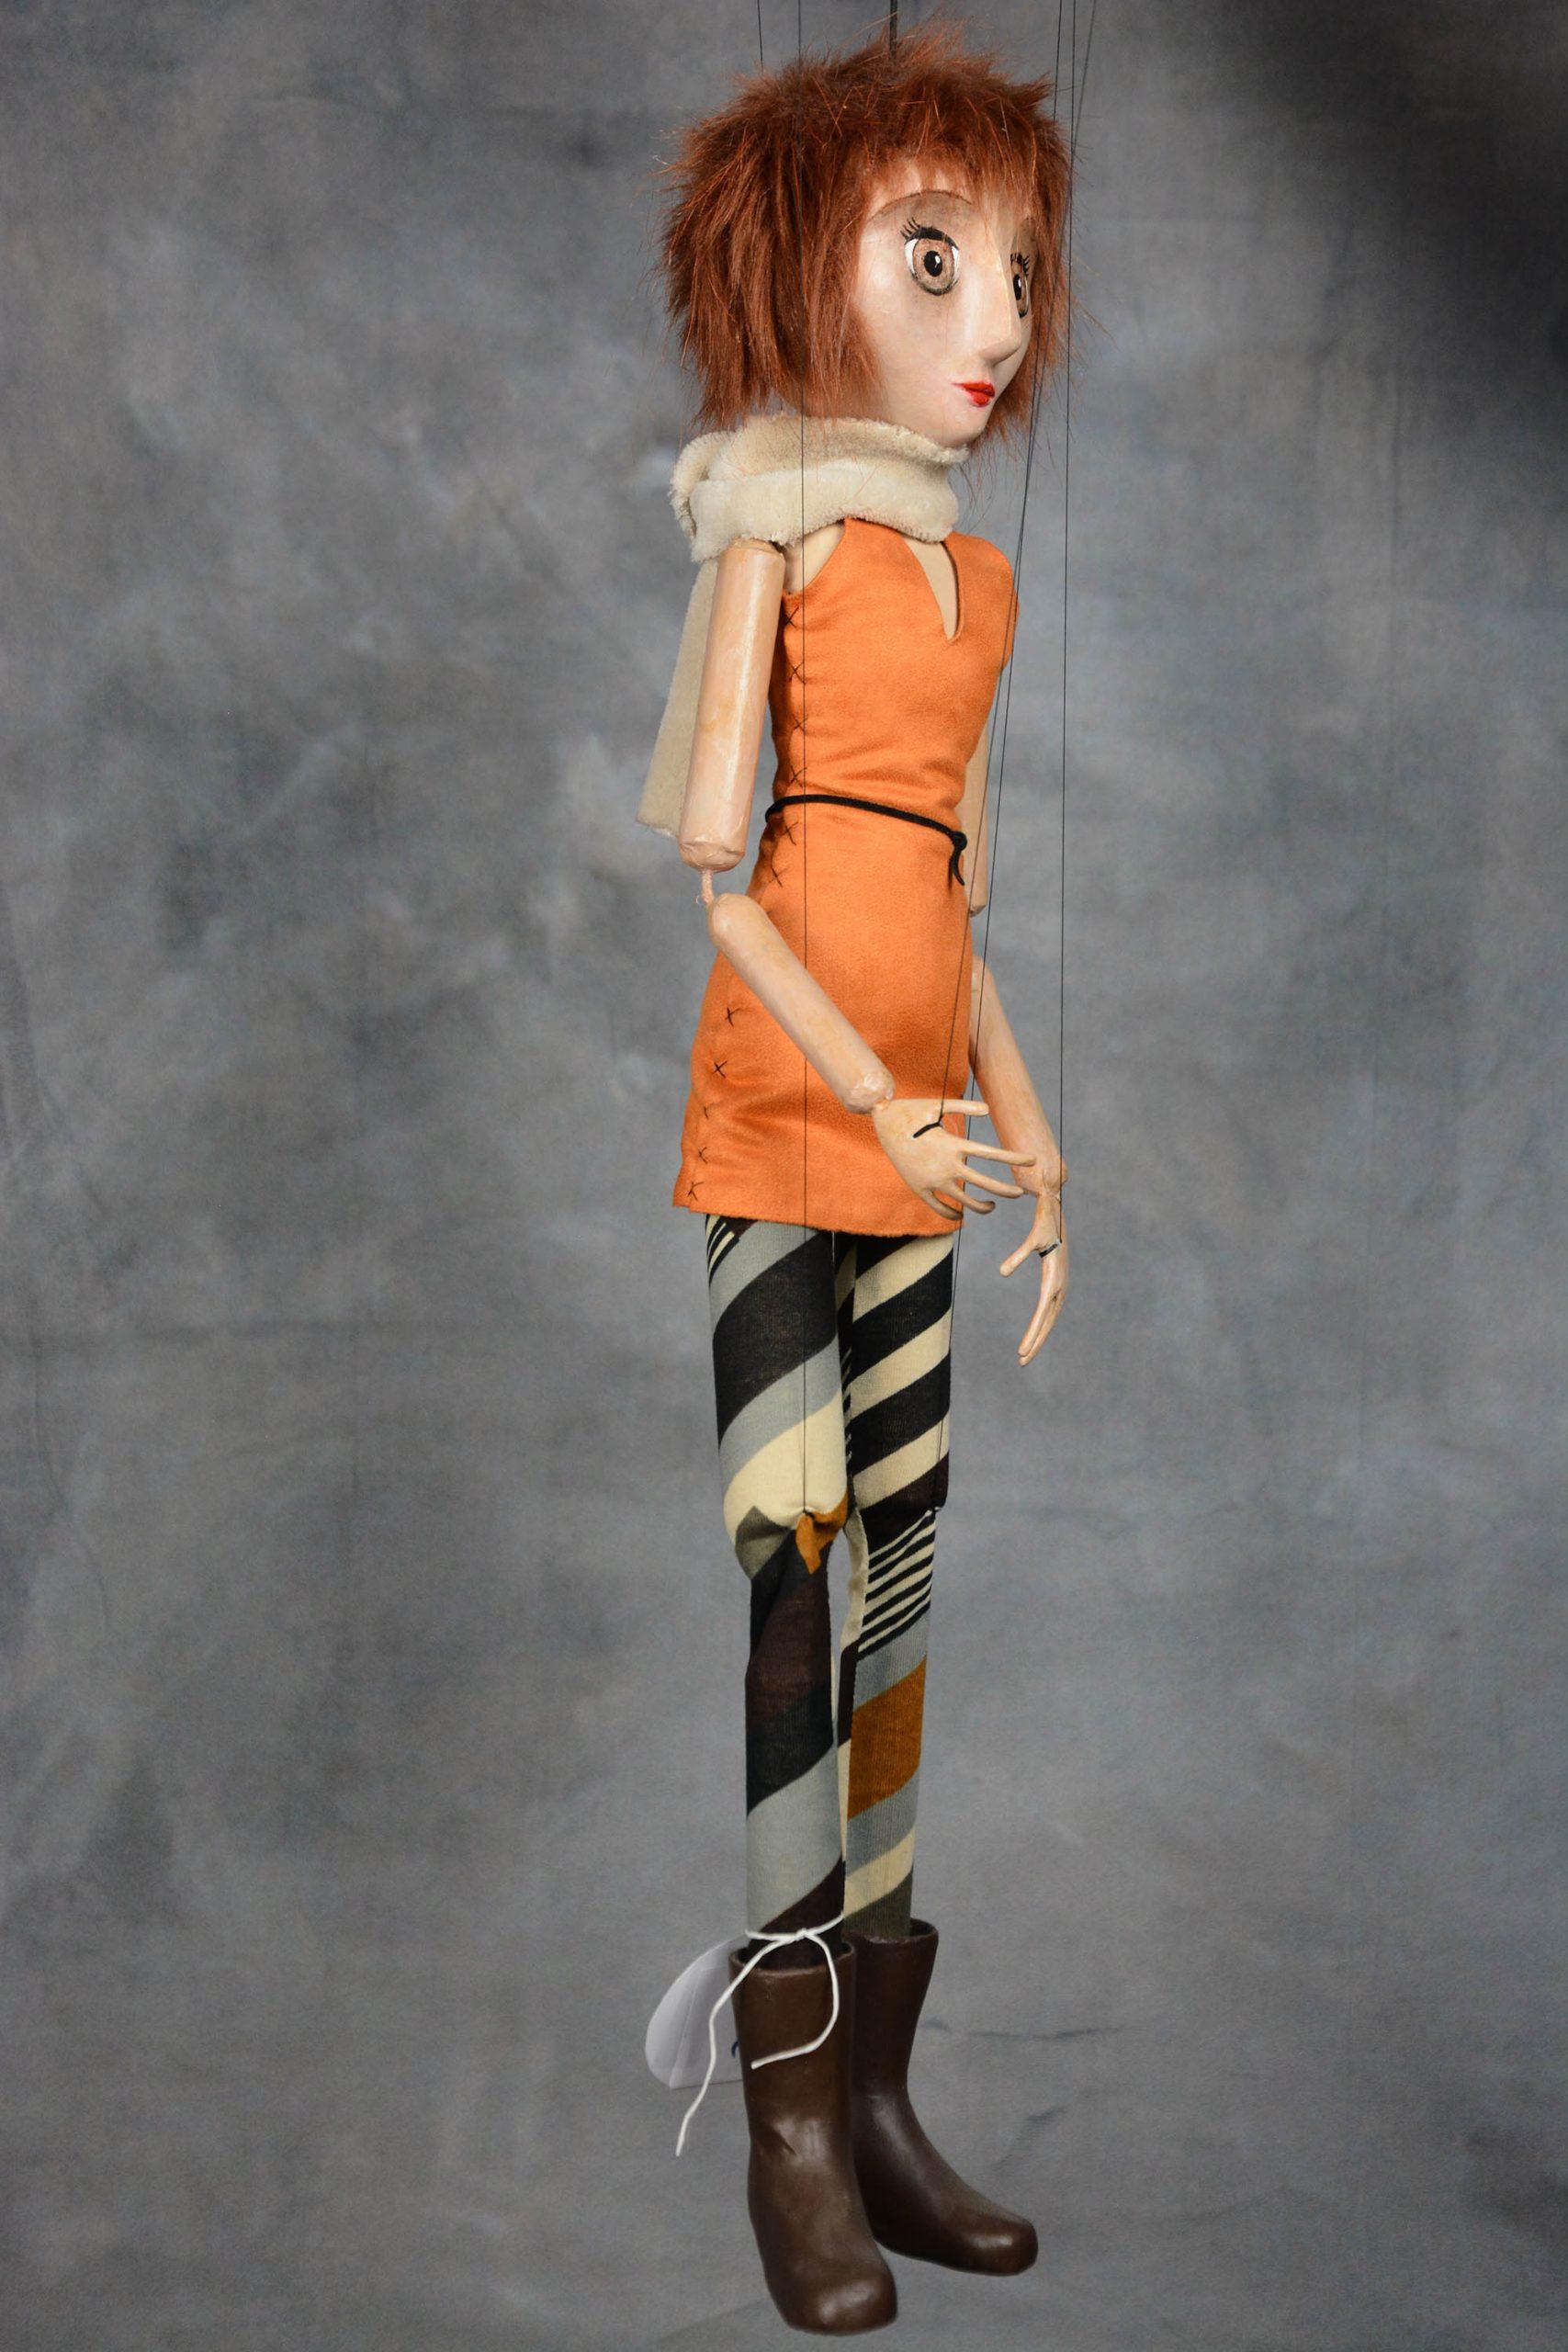 marionnette artisanale fille rousse